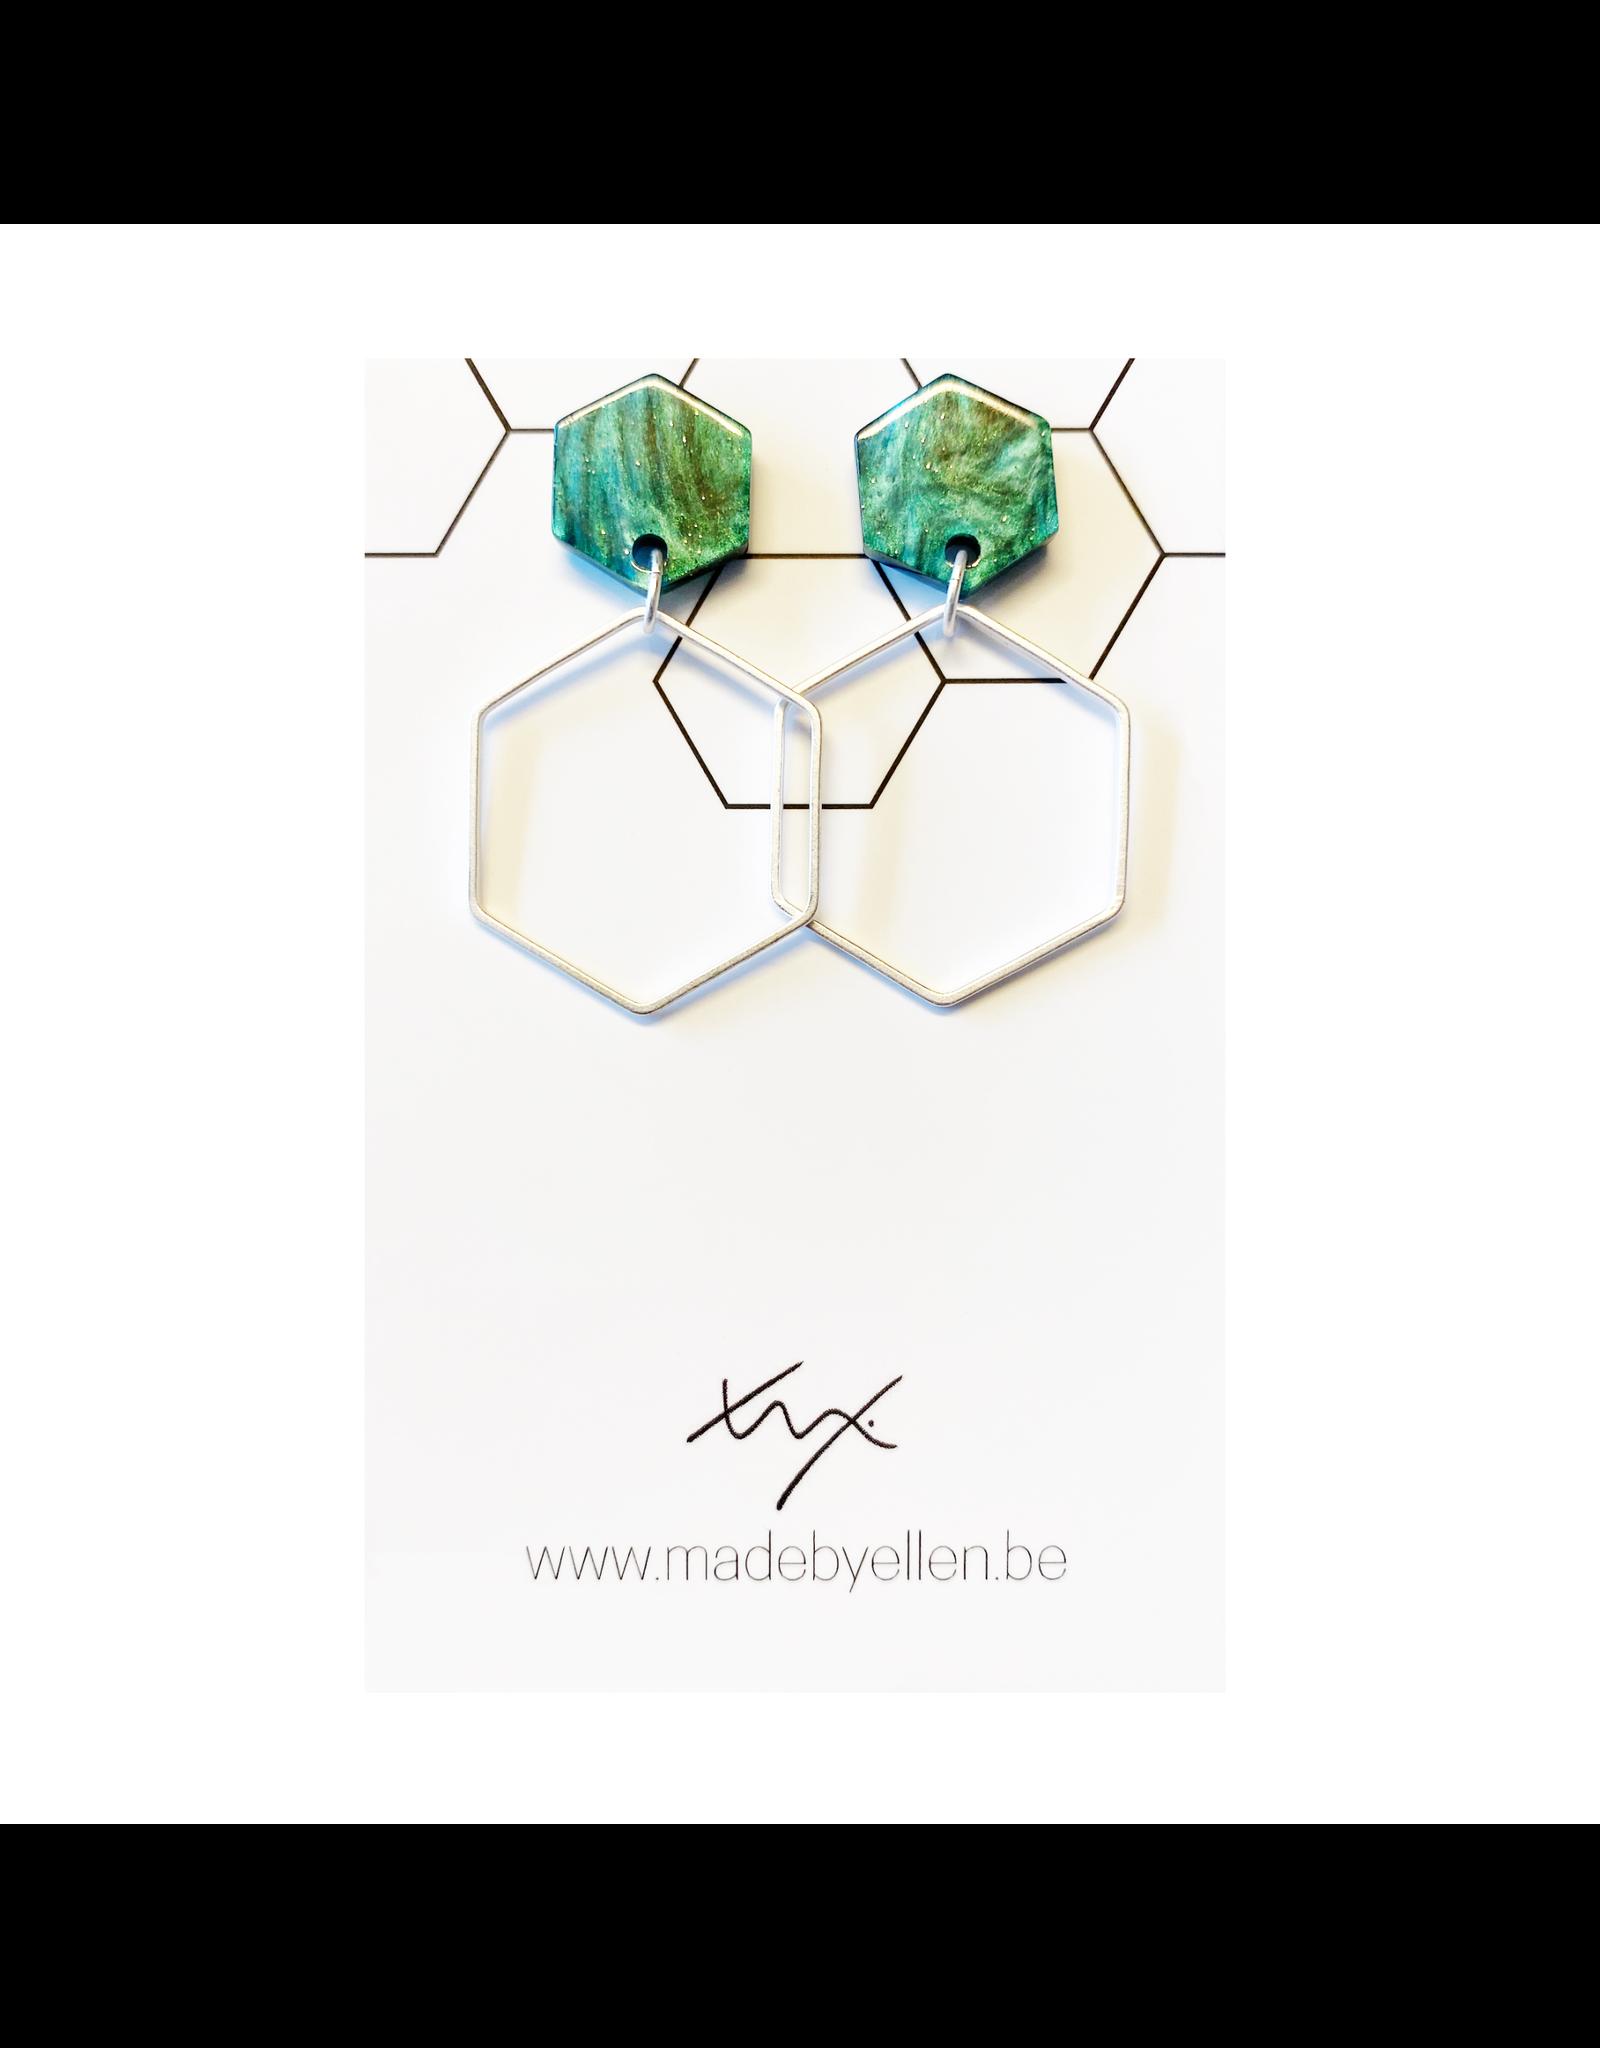 oorbEllen acryl cirkel 12mm zeshoek groot turquoise glitter